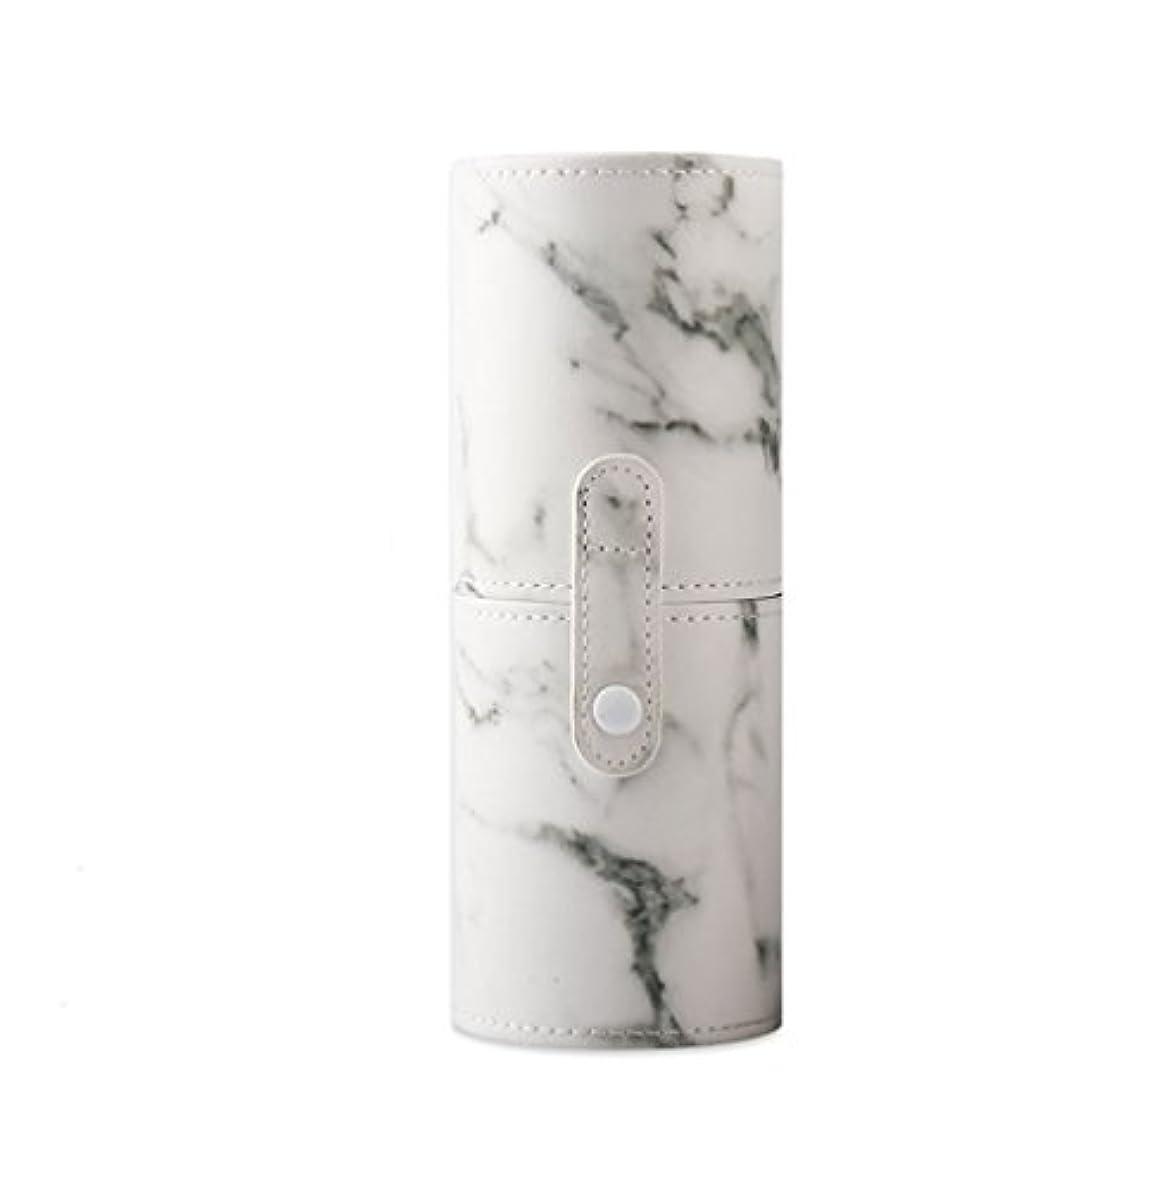 ガラスもっともらしい有罪KINGZUO メイクブラシホルダー 専用収納 コスメケース ボックス 文具ケース PUレザー 旅行 小物収納 携帯便利 化粧カップ  約12本収納